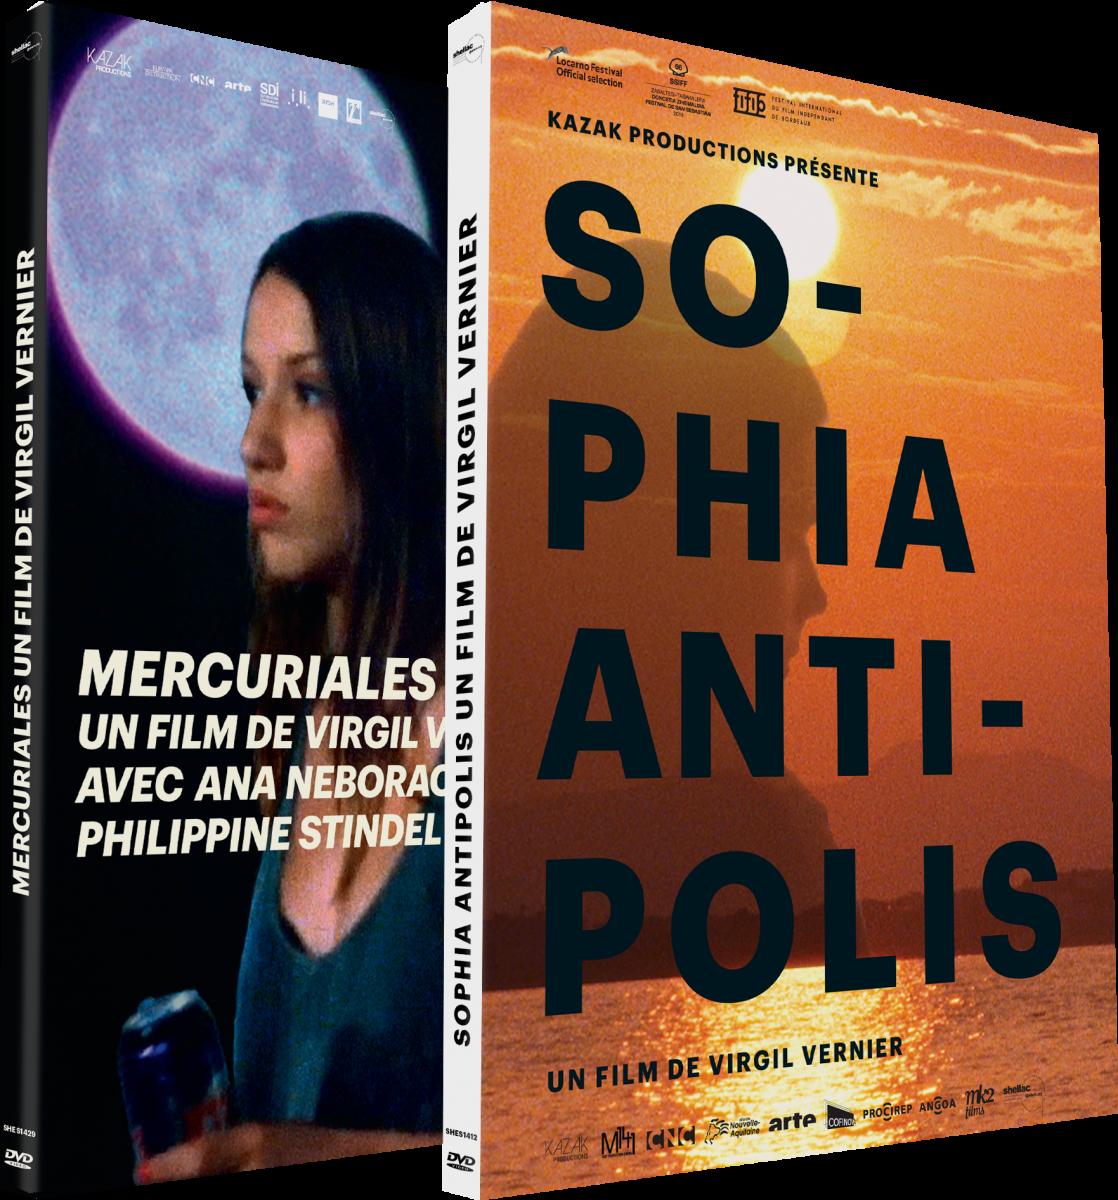 shellac-sophia-antipolis-mercuriales-packshot-2637.png